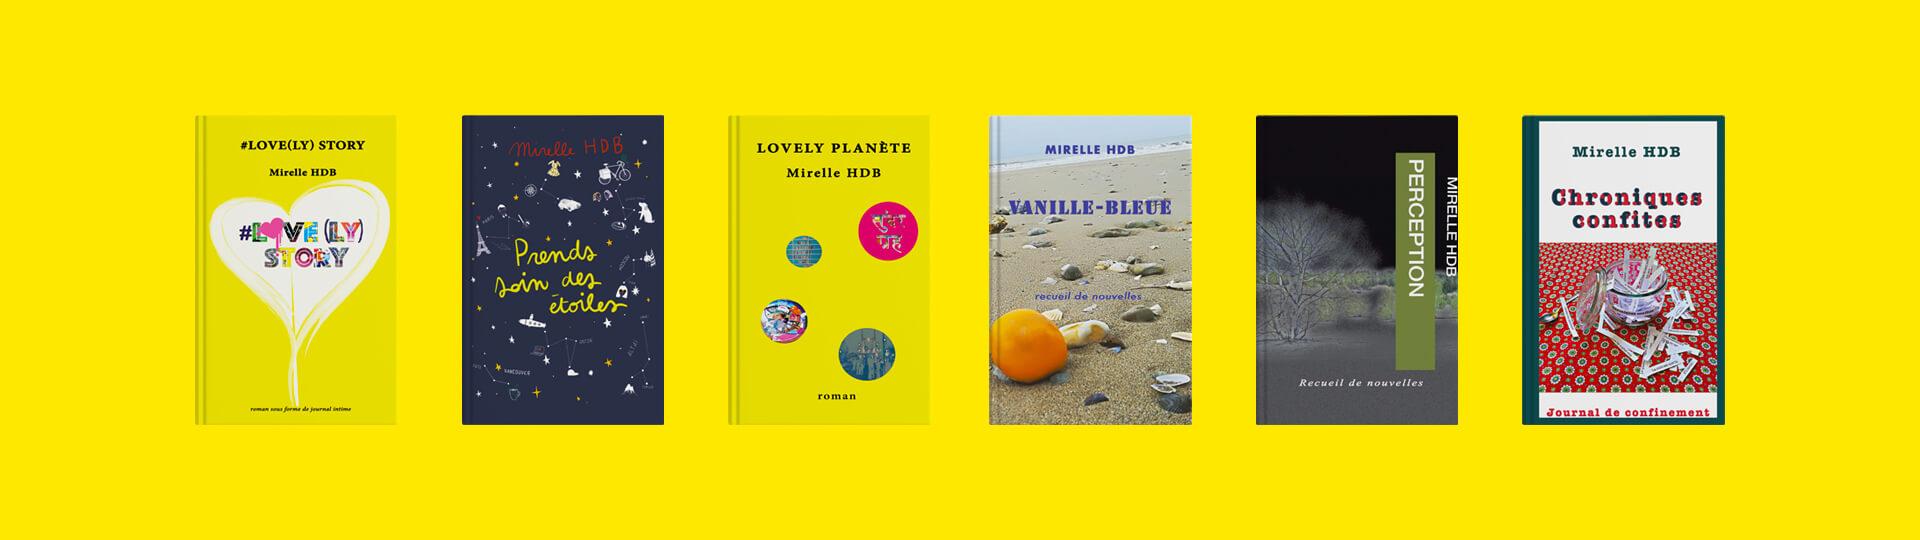 Tous les livres écris par Mirelle HDB